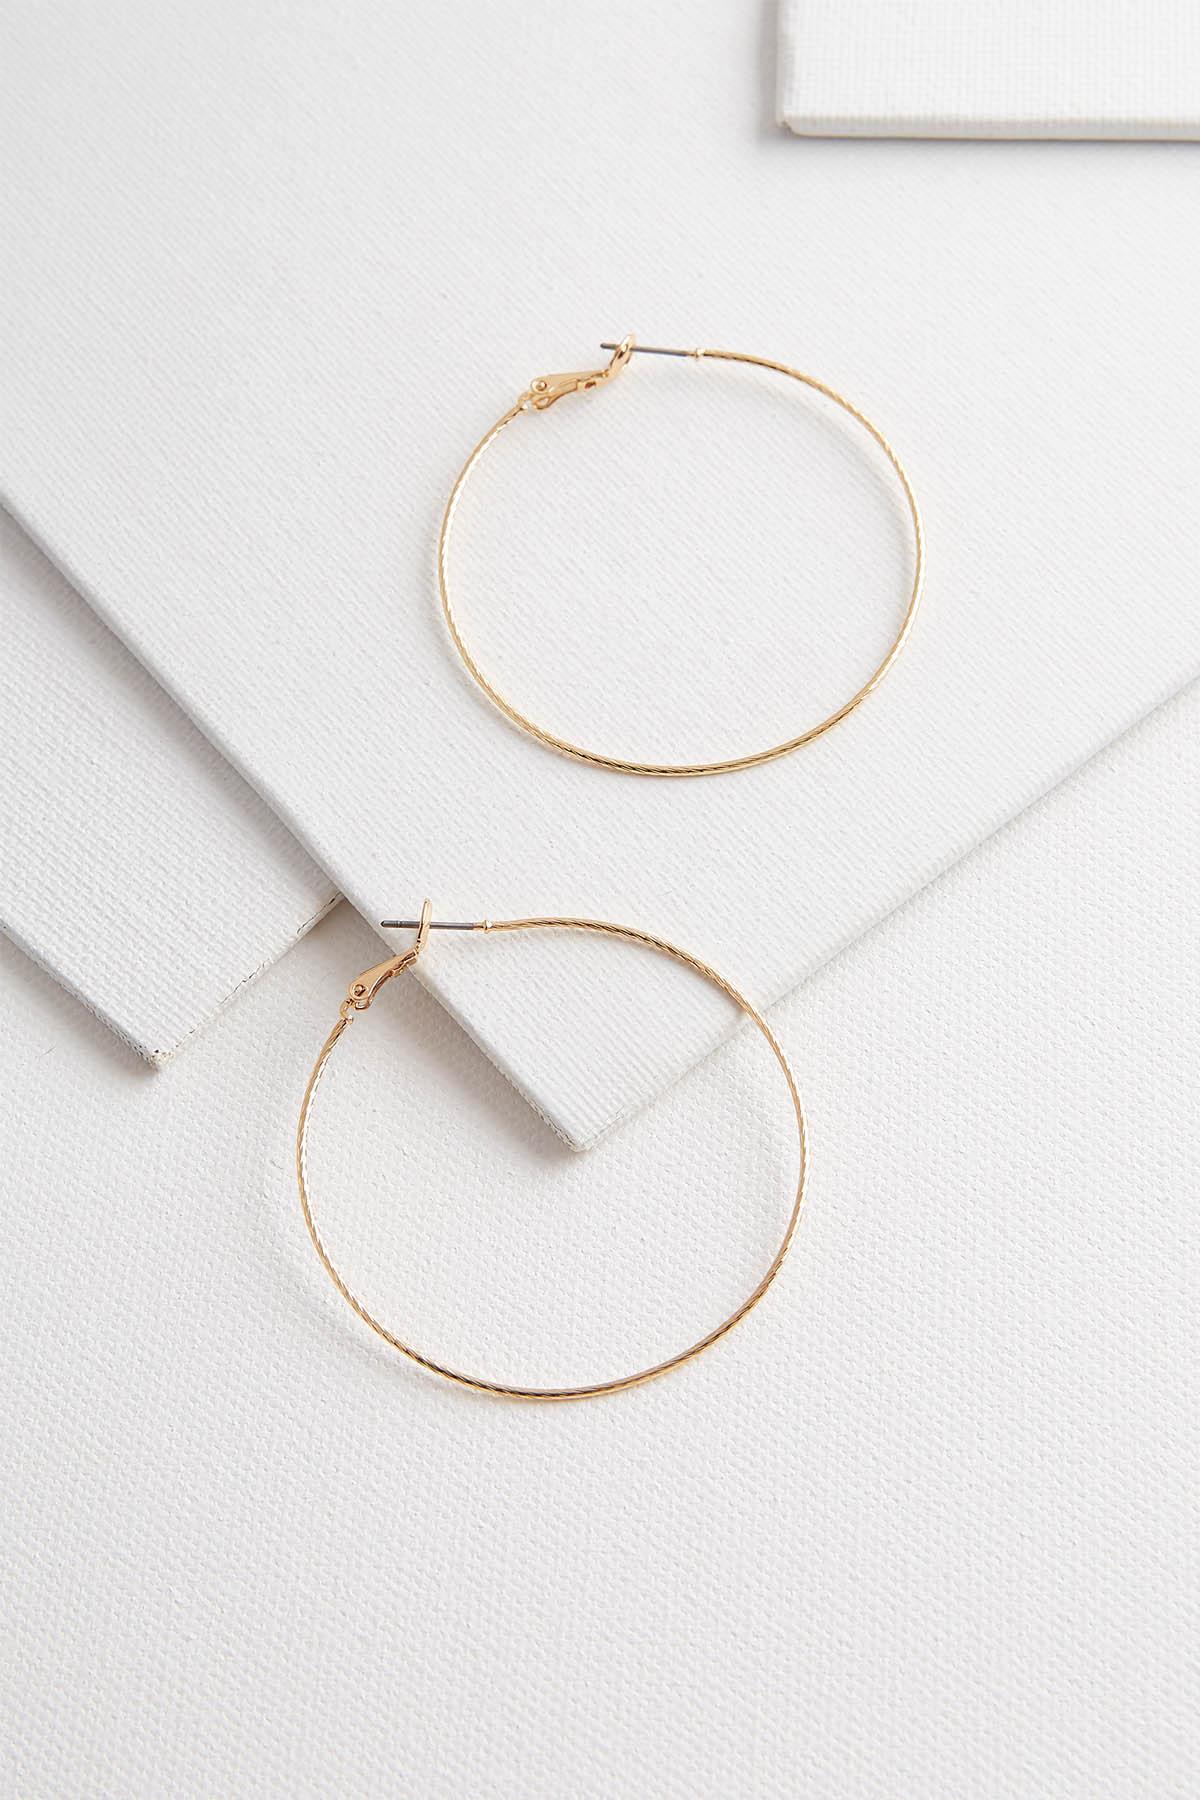 Textured Brass Hoop Earrings